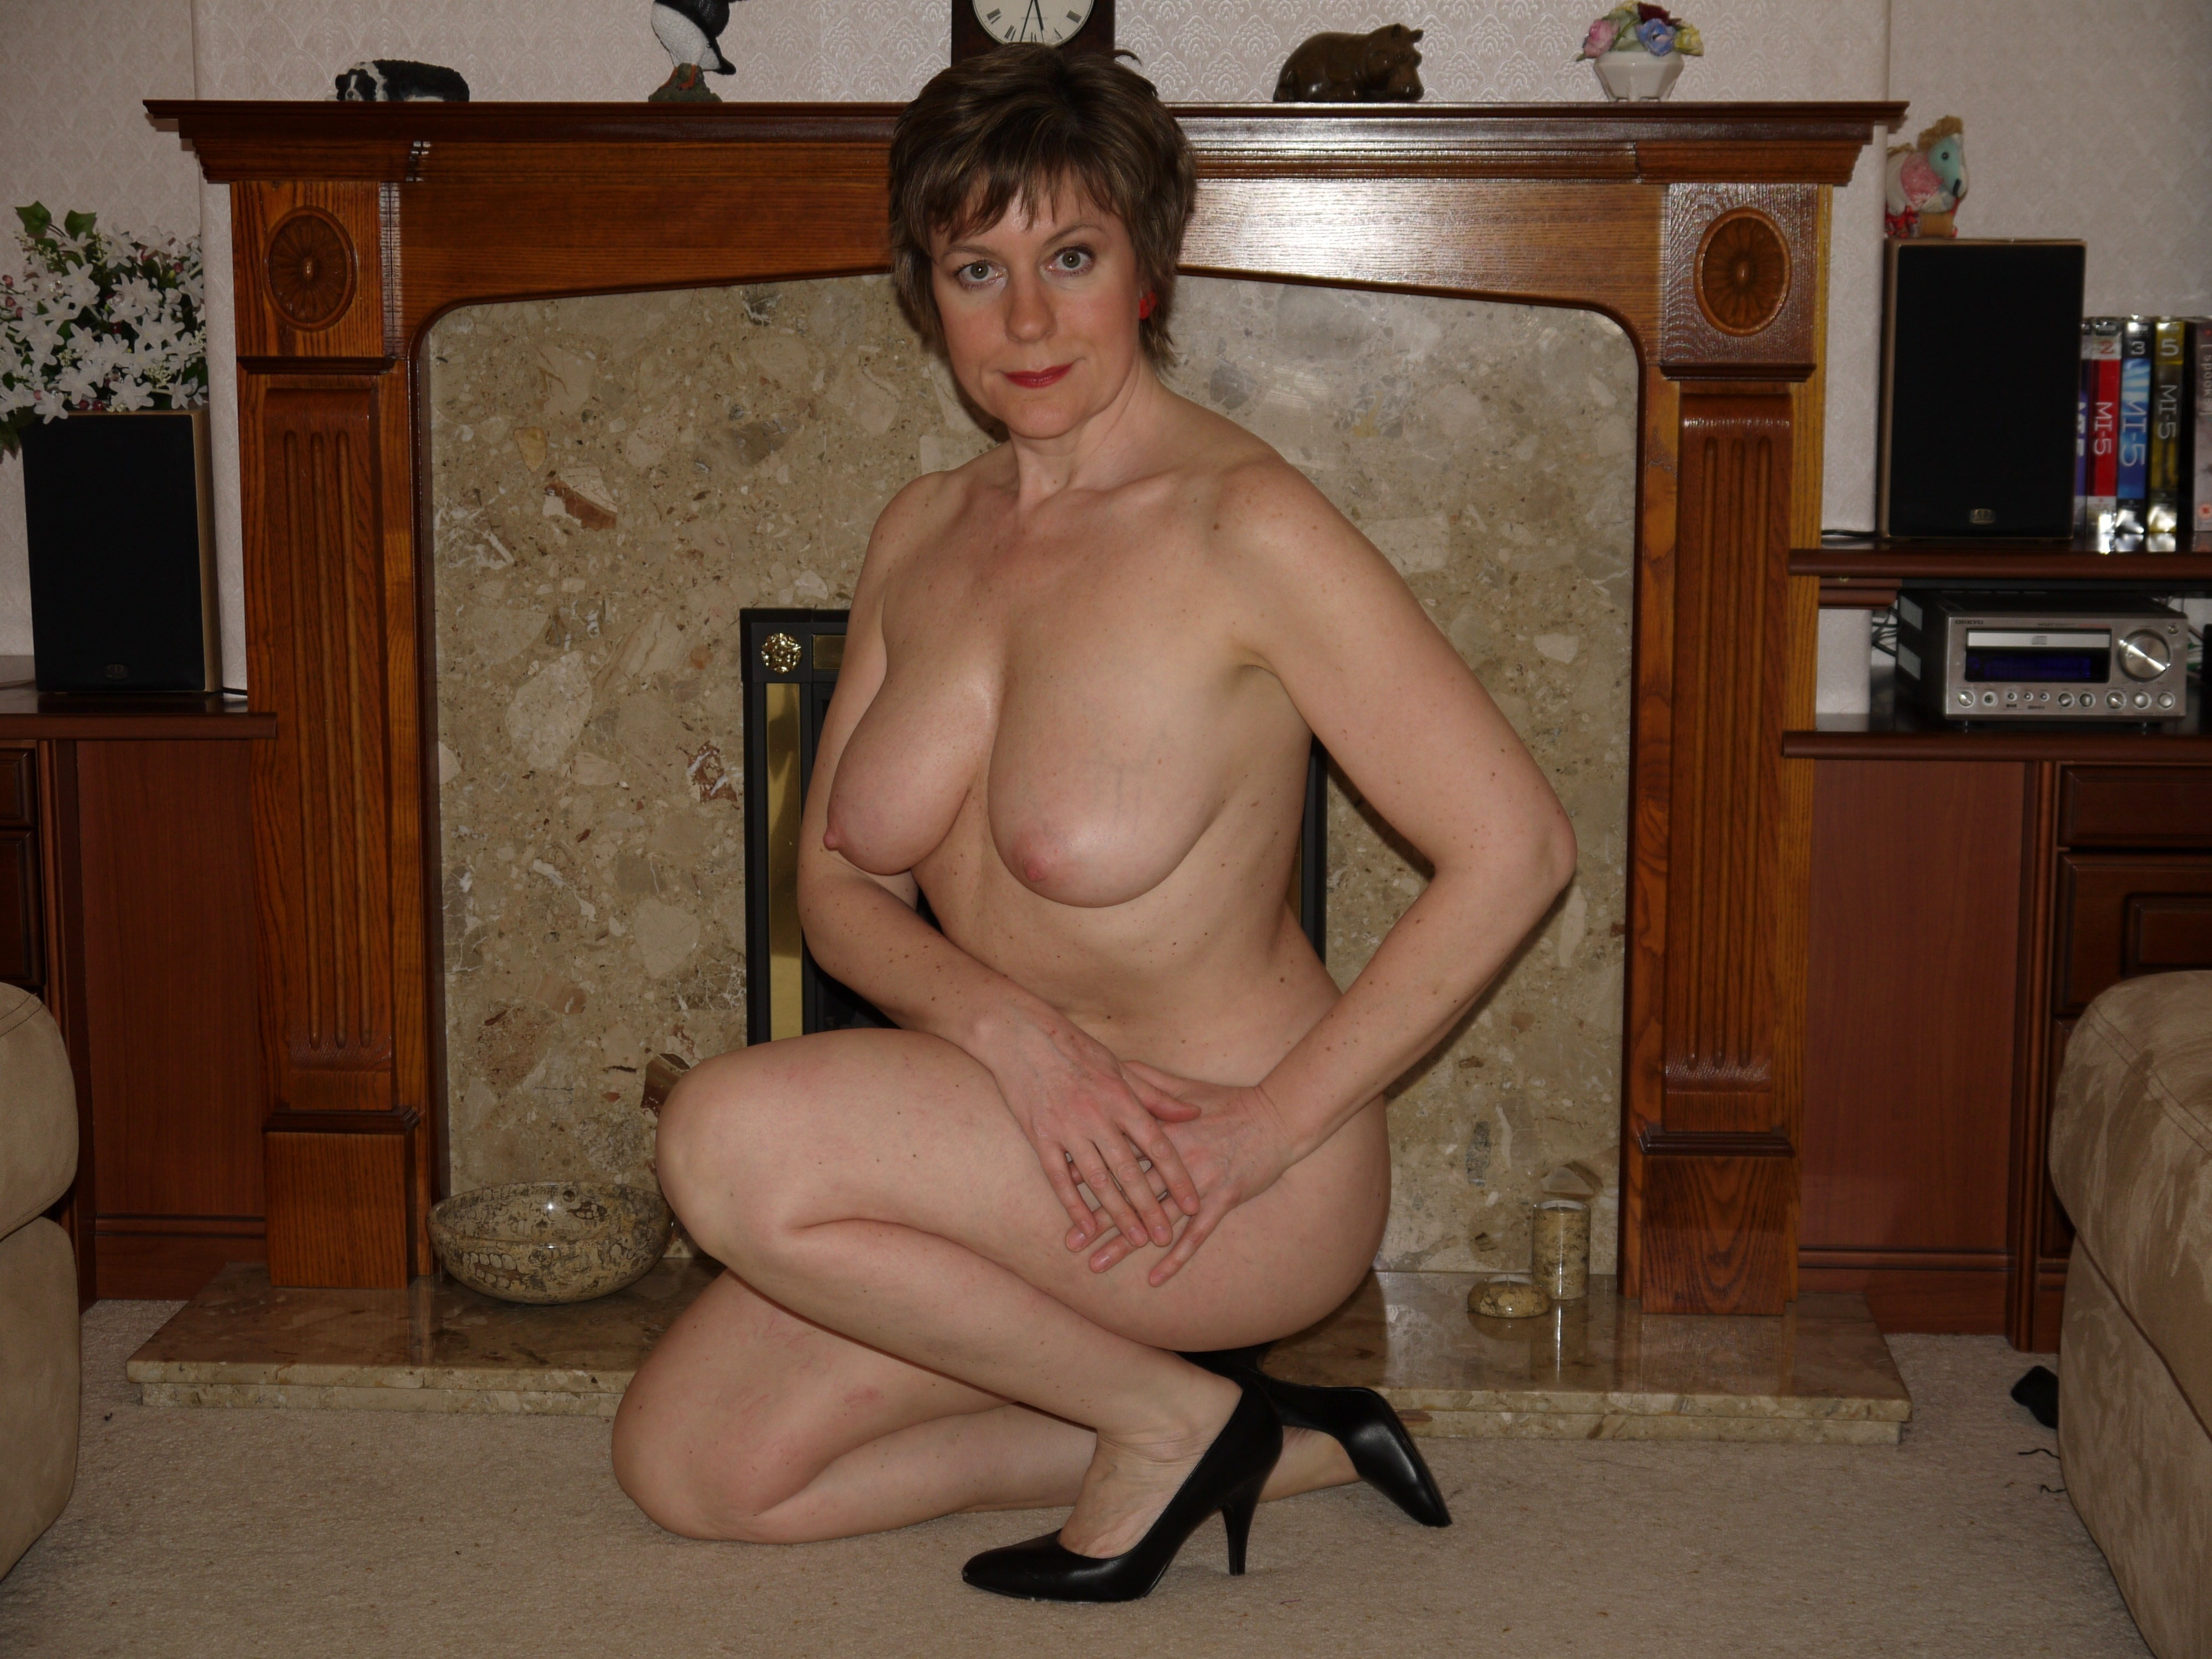 Фото галереи зрелых женщин эротика, Голые зрелые женщины - фото голых зрелых 11 фотография